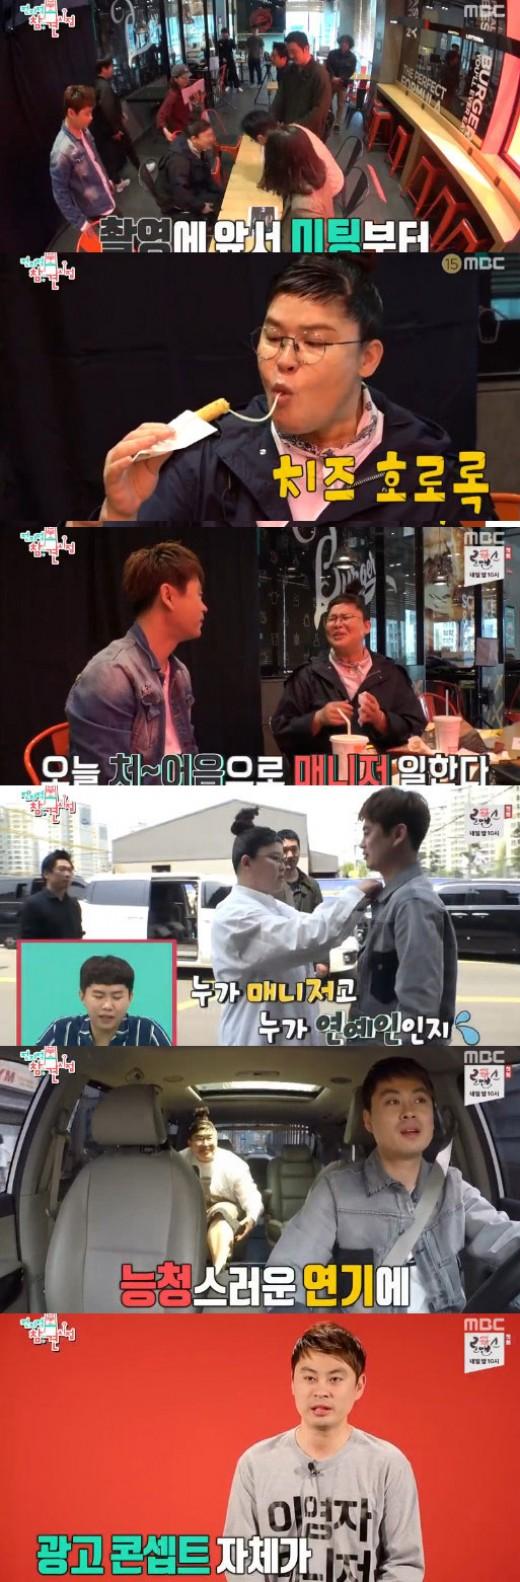 '전참시' 이영자, 매니저와 동반 광고 촬영 '광고주까지 홀릭'